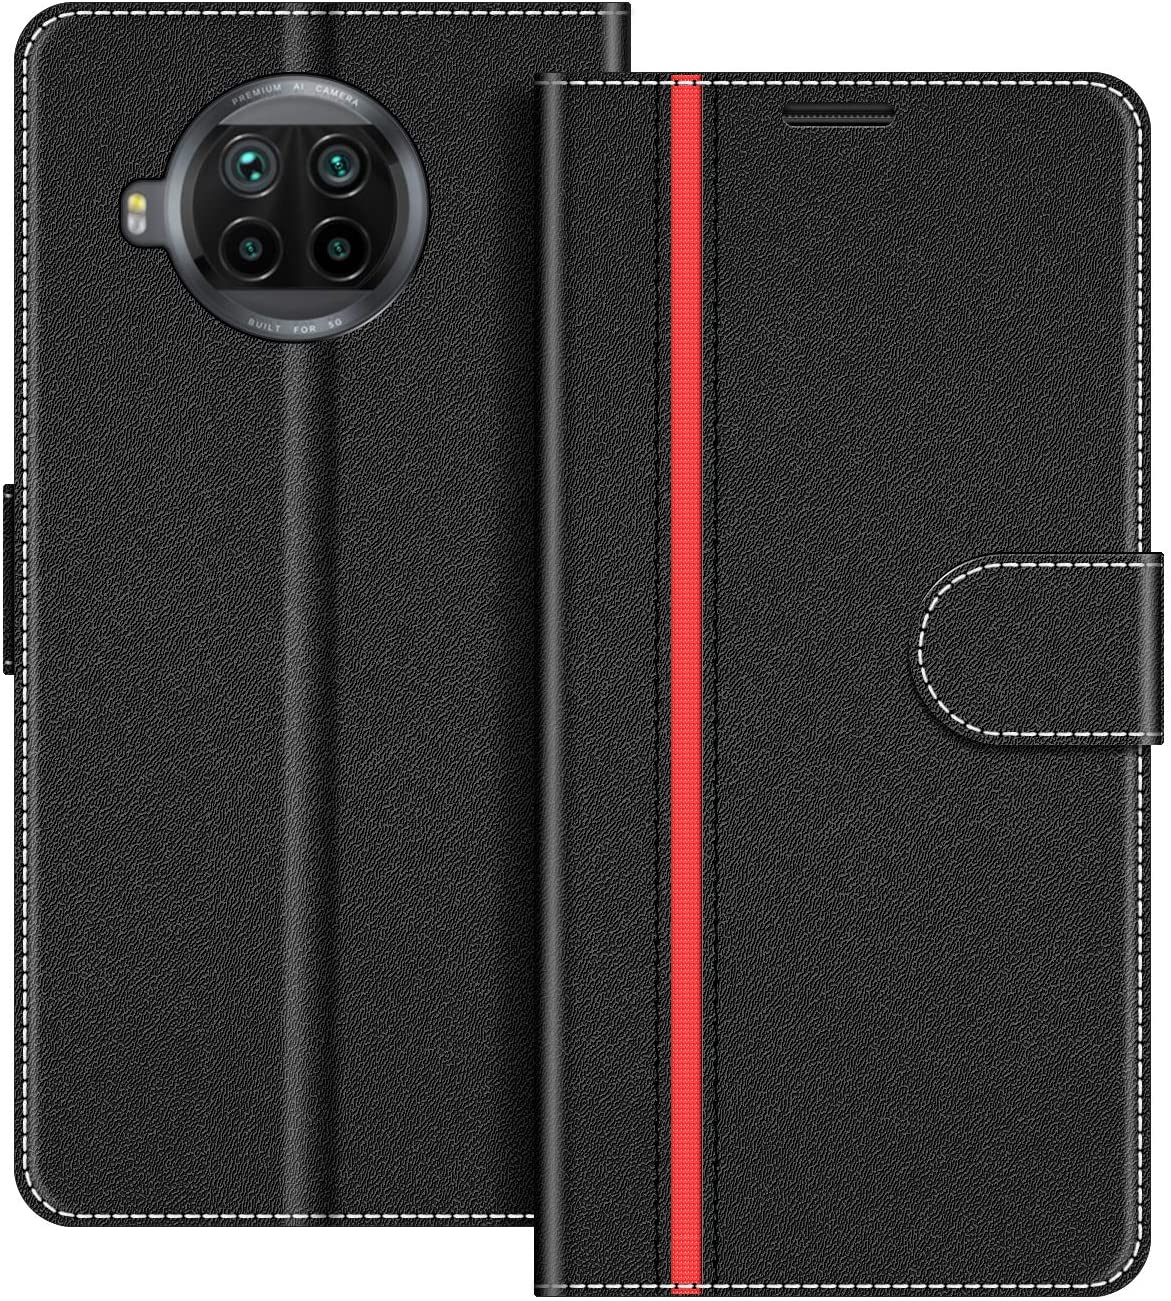 COODIO Funda Xiaomi Mi 10T Lite con Tapa, Funda Movil Xiaomi Mi 10T Lite, Funda Libro Xiaomi Mi 10T Lite Carcasa Magnético Funda para Xiaomi Mi 10T Lite, Negro/Rojo